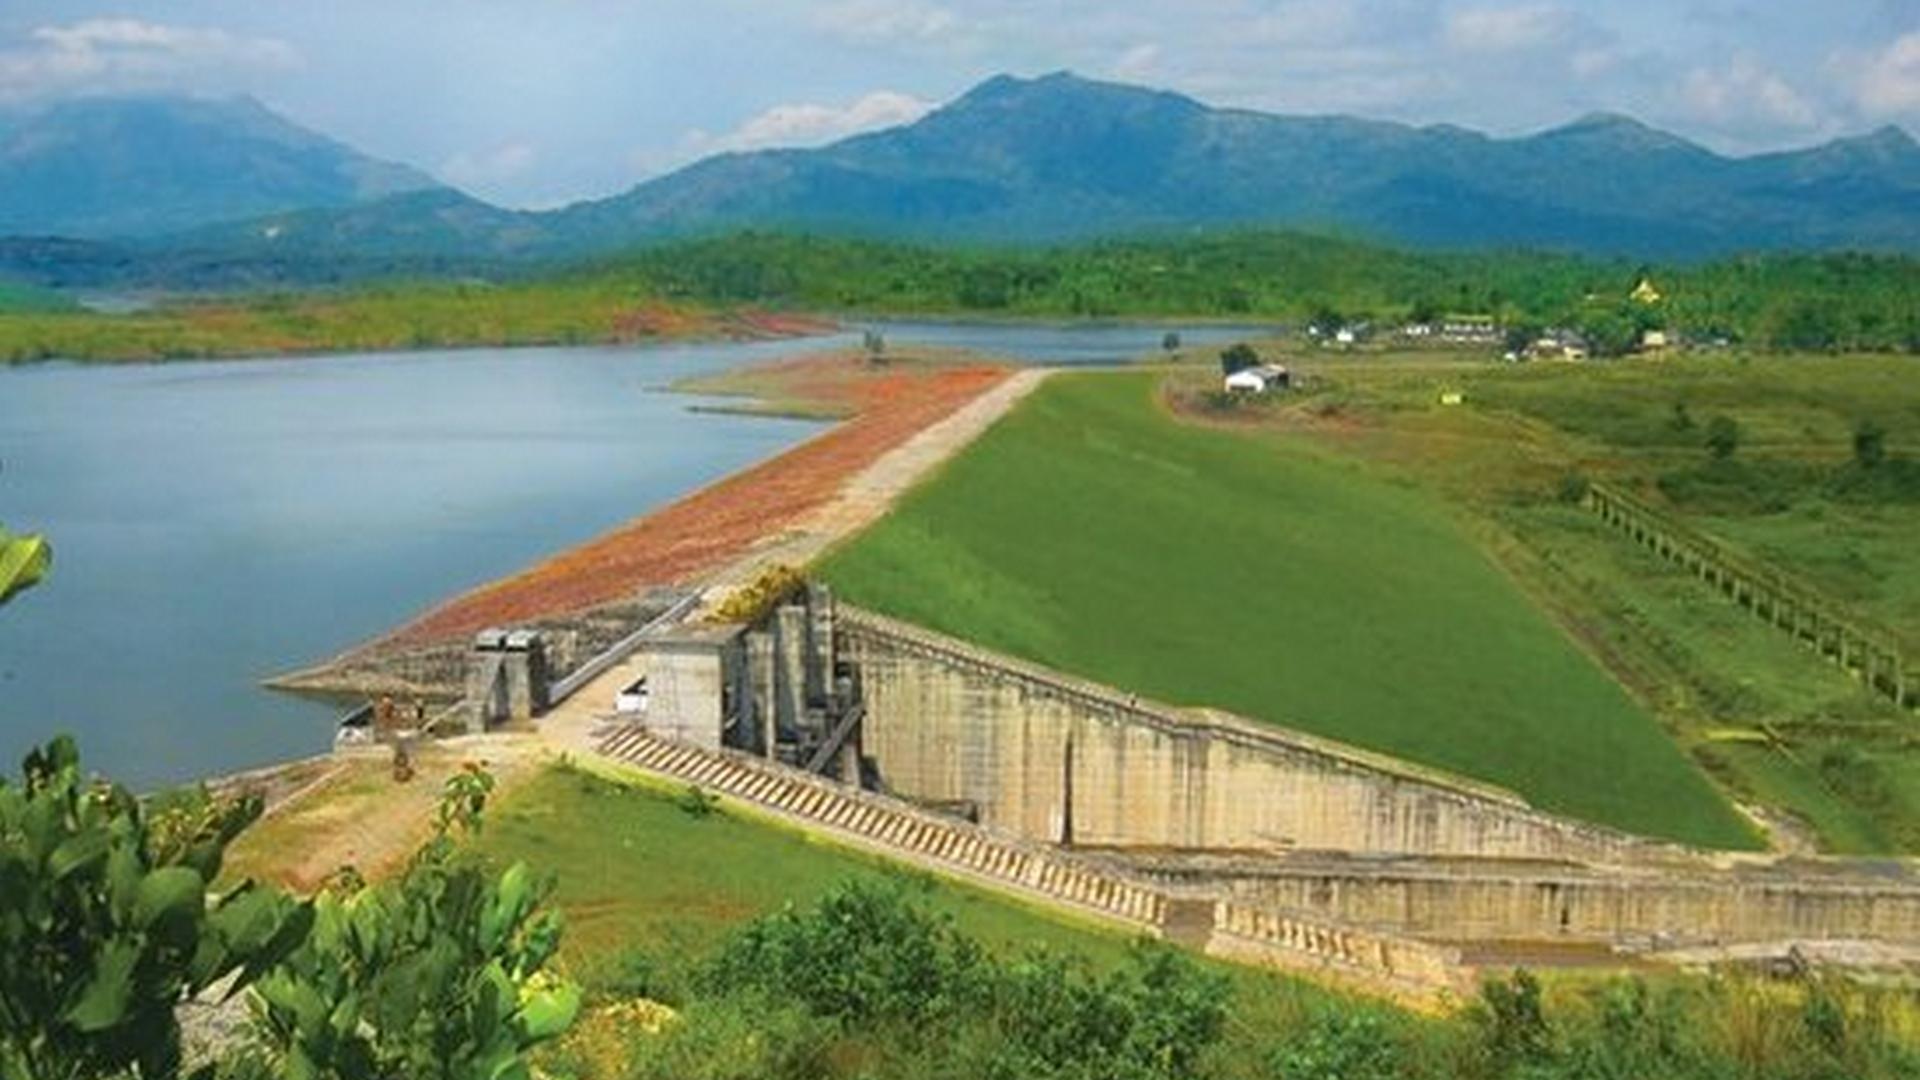 Banasura Sagar Dam